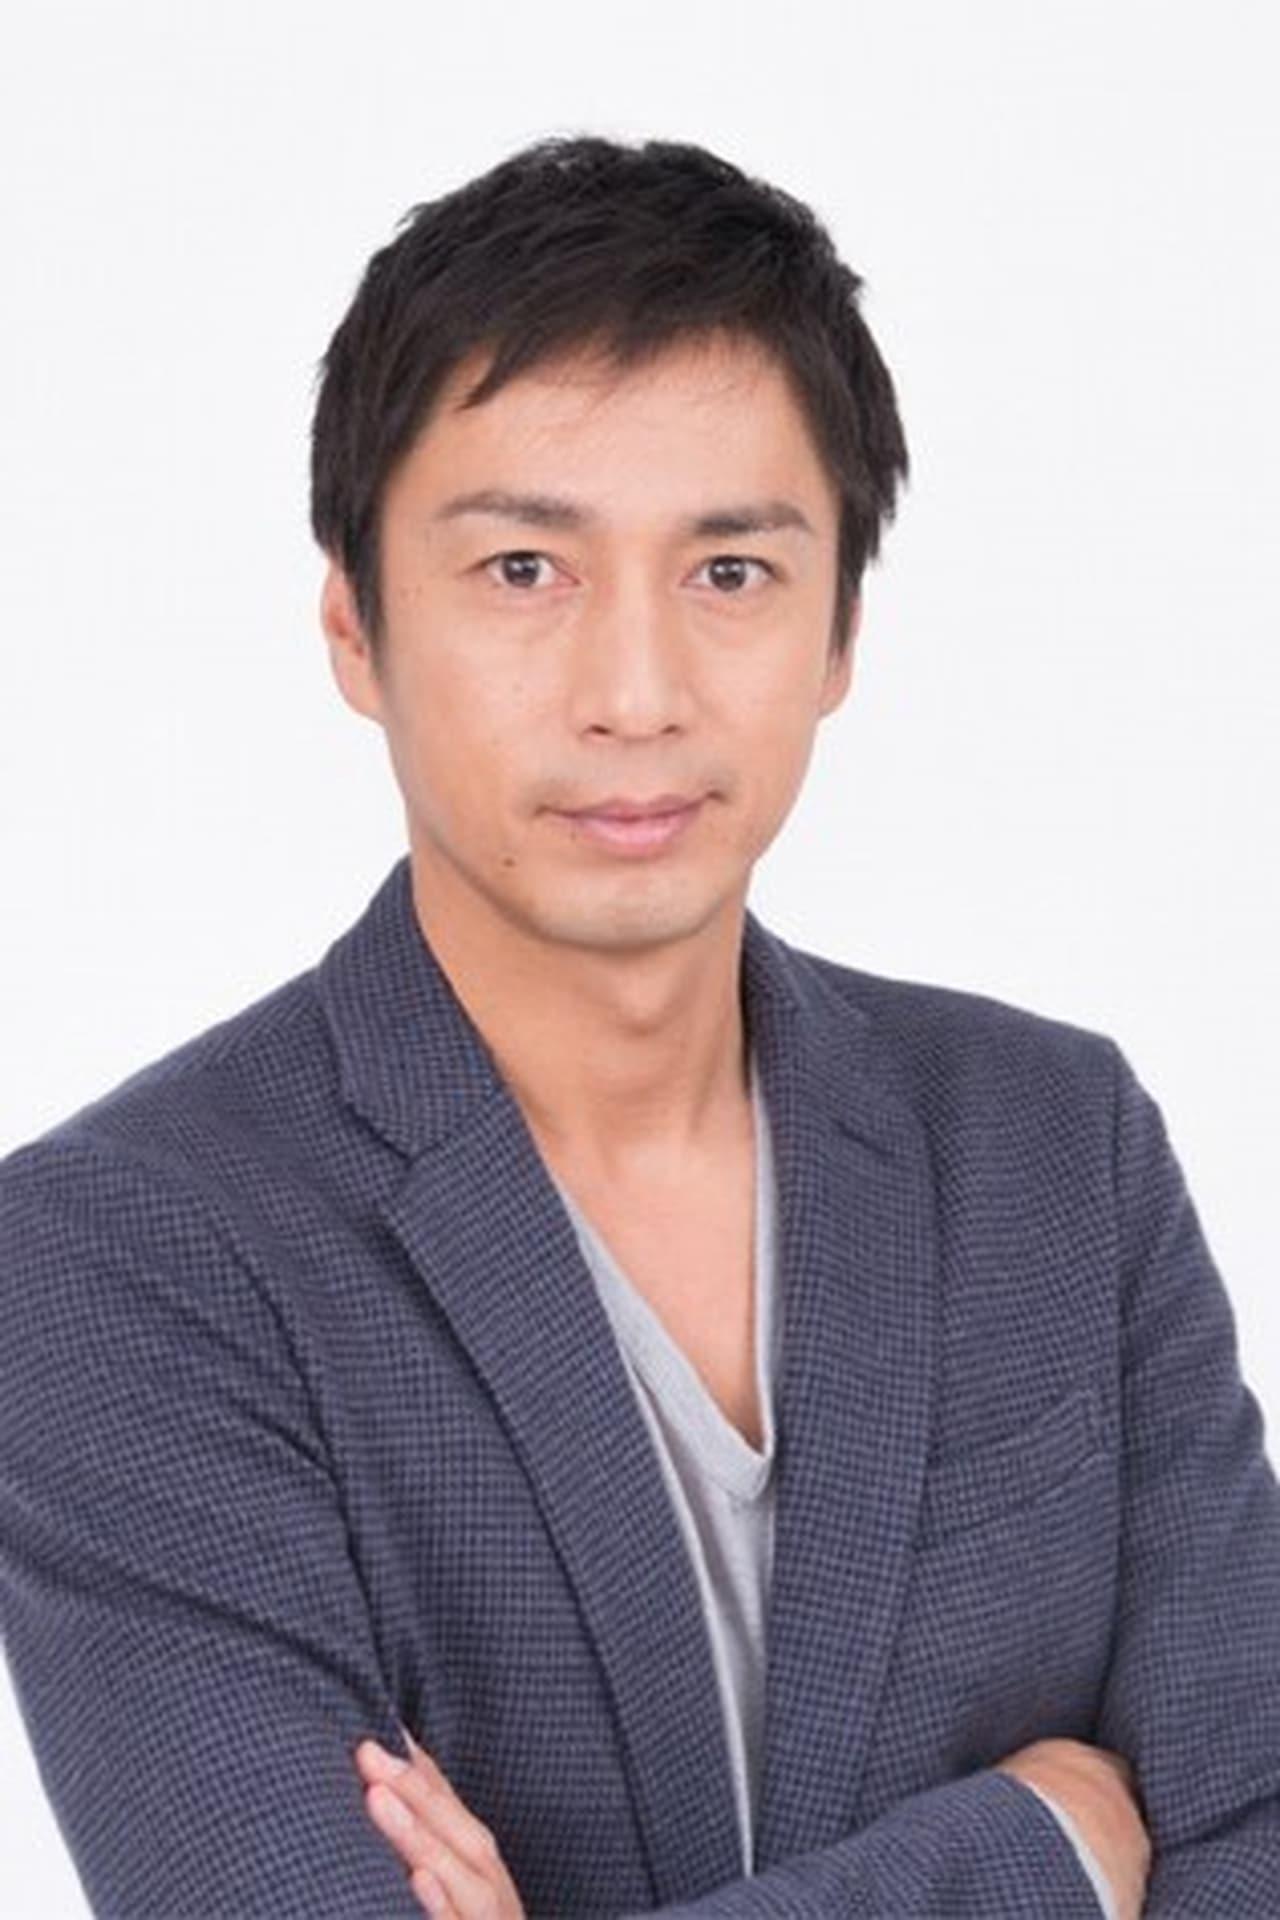 Yoshimi Tokui